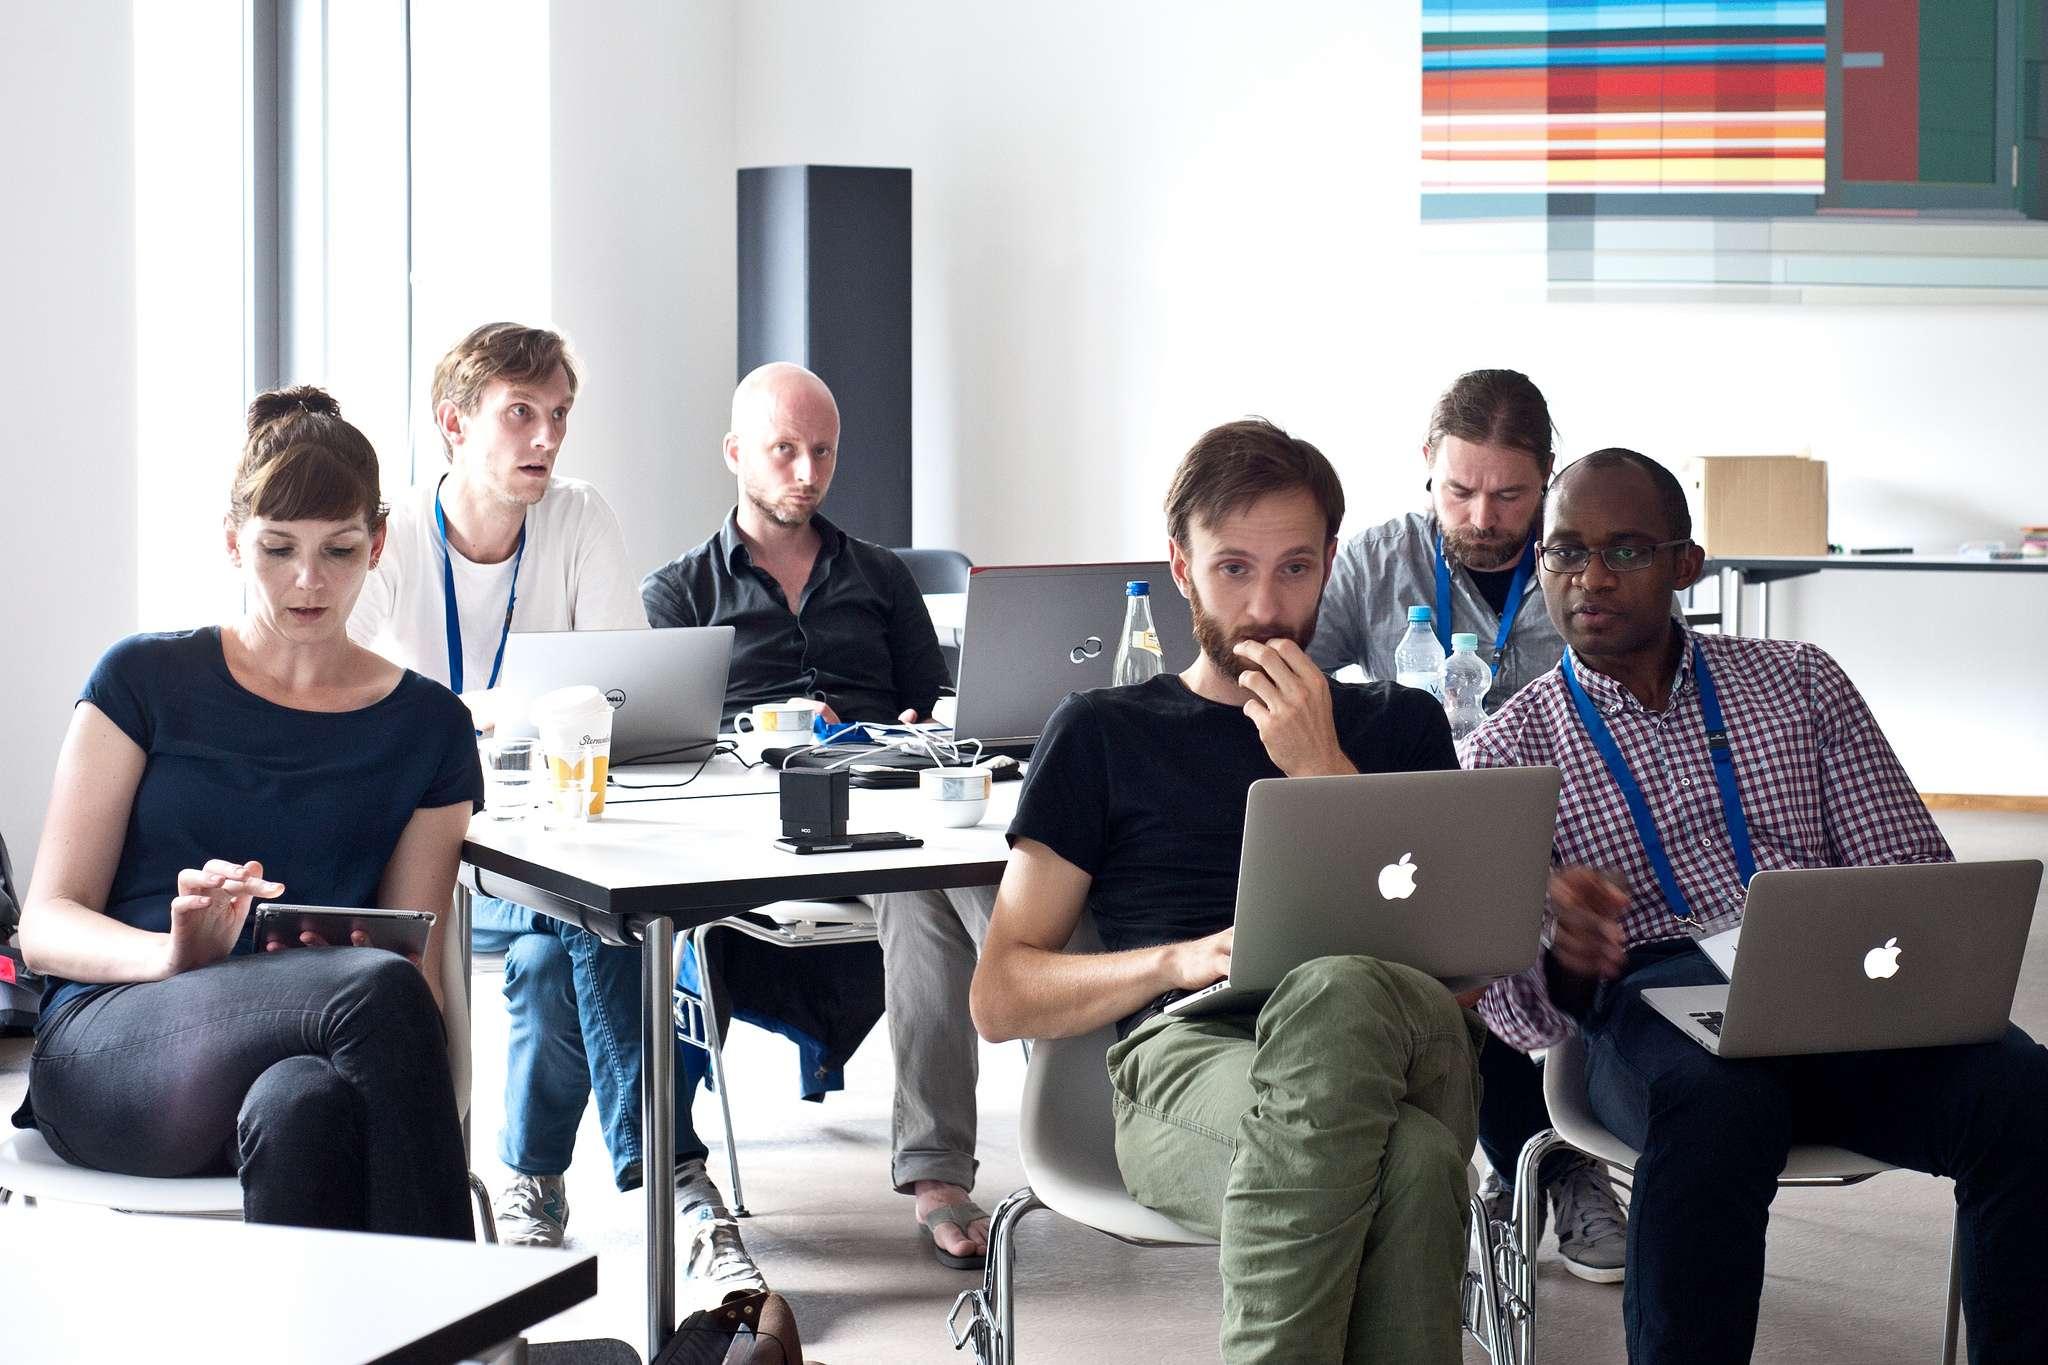 Foto des Konferenzraums mit mehreren Teilnehmenden, die gespannt in ihre Laptops blicken oder gemeinsam an OER-Problematiken arbeiten.